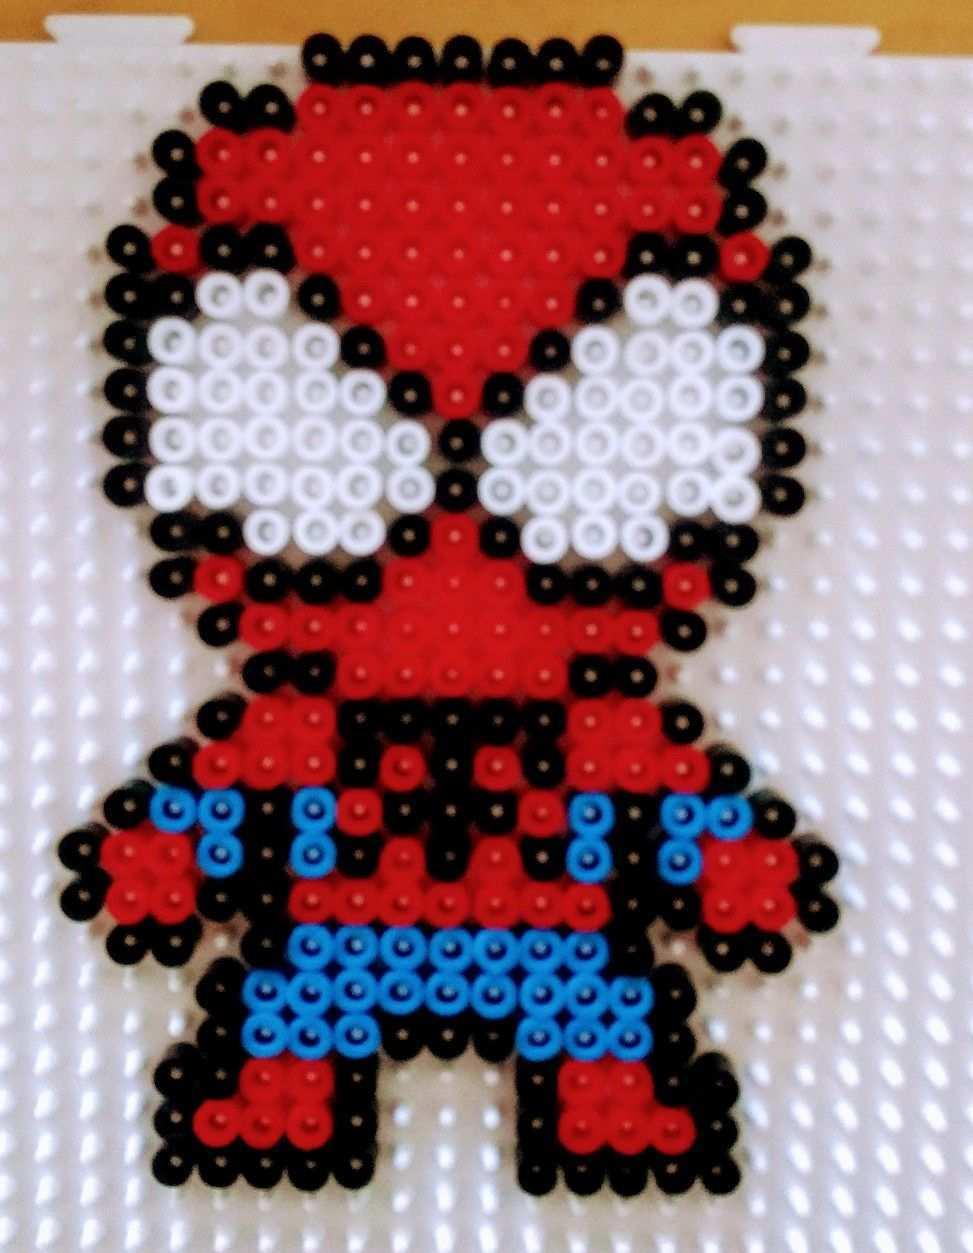 Spiderman Beads Perleshama Hama Beads Design Perler Bead Art Hama Beads Patterns